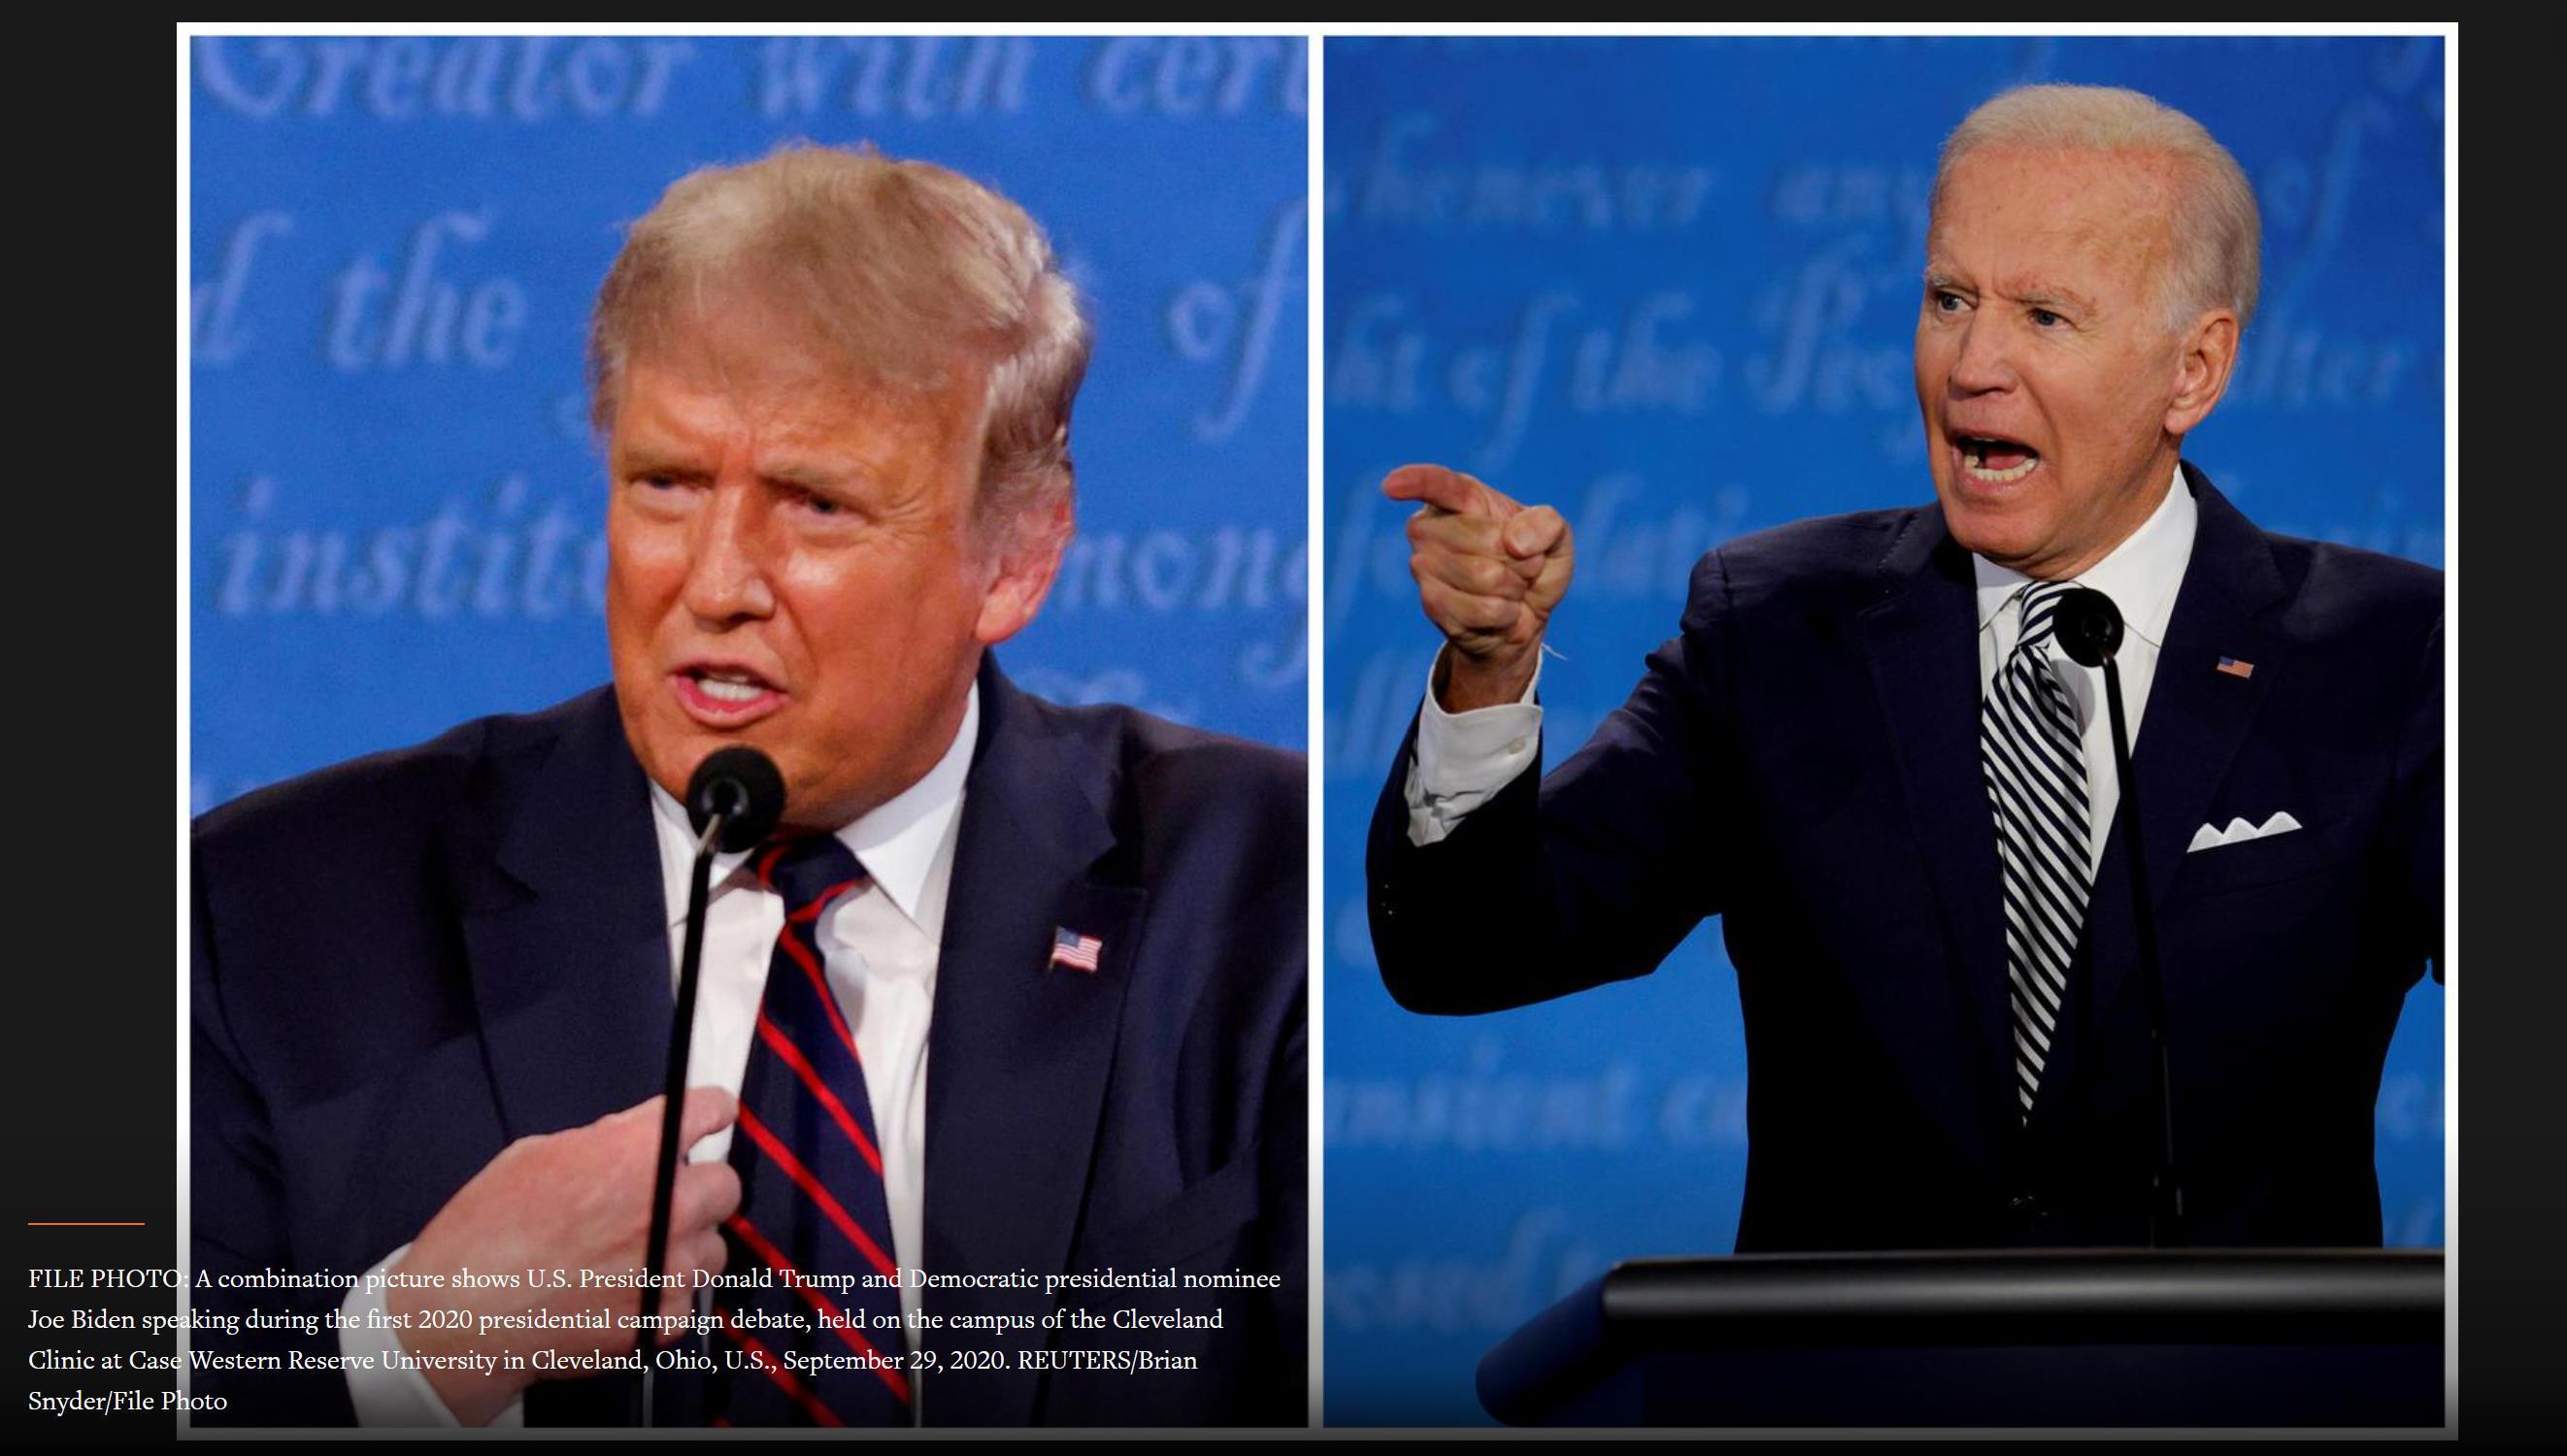 Ngay cả các luật sư chiến dịch tranh cử của Trump cũng quyên góp tiền cho Biden